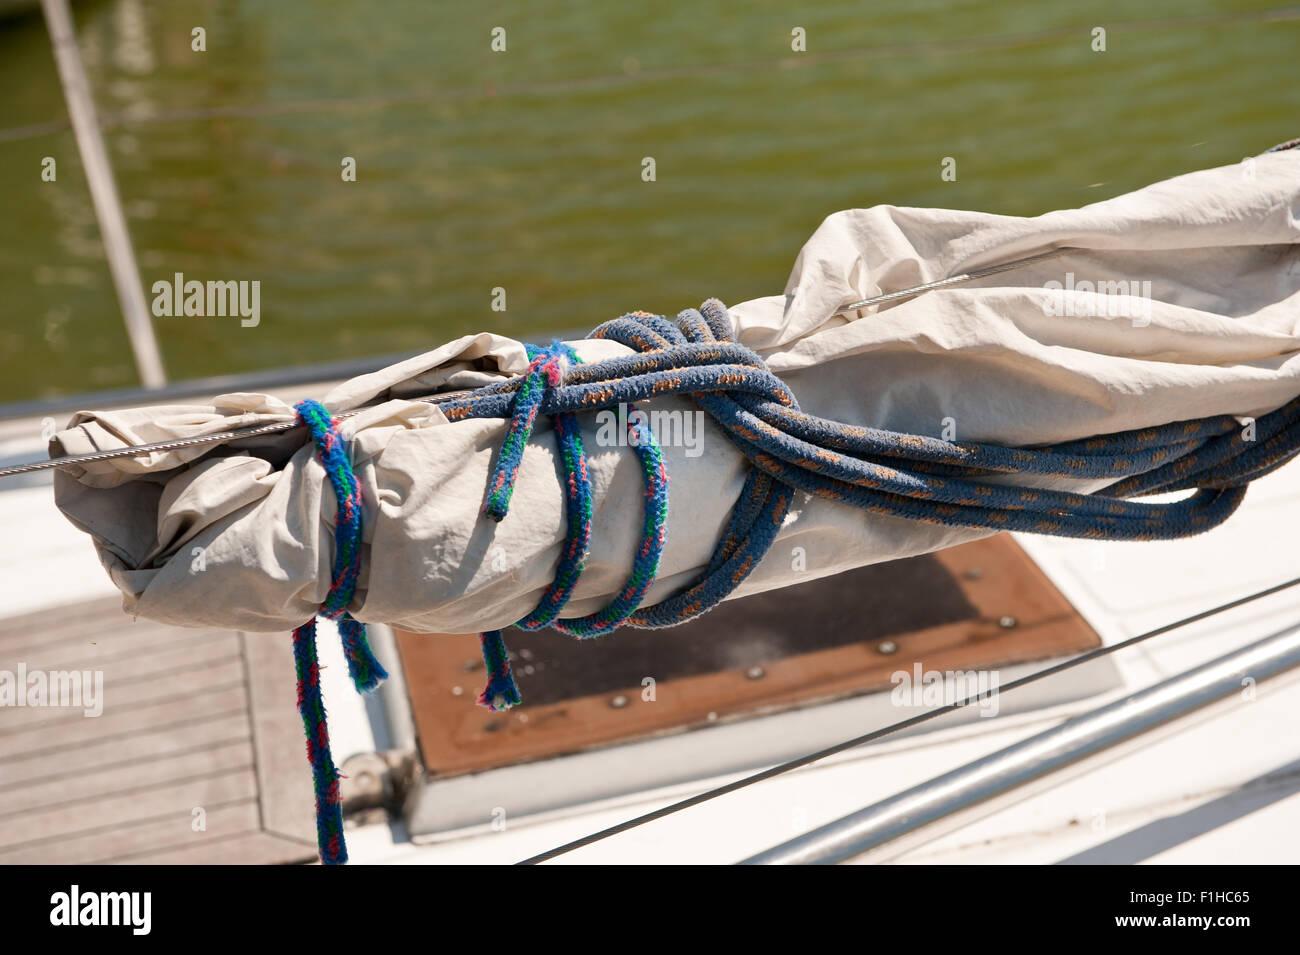 Rolled up mast sail cloth at Masuria - Stock Image